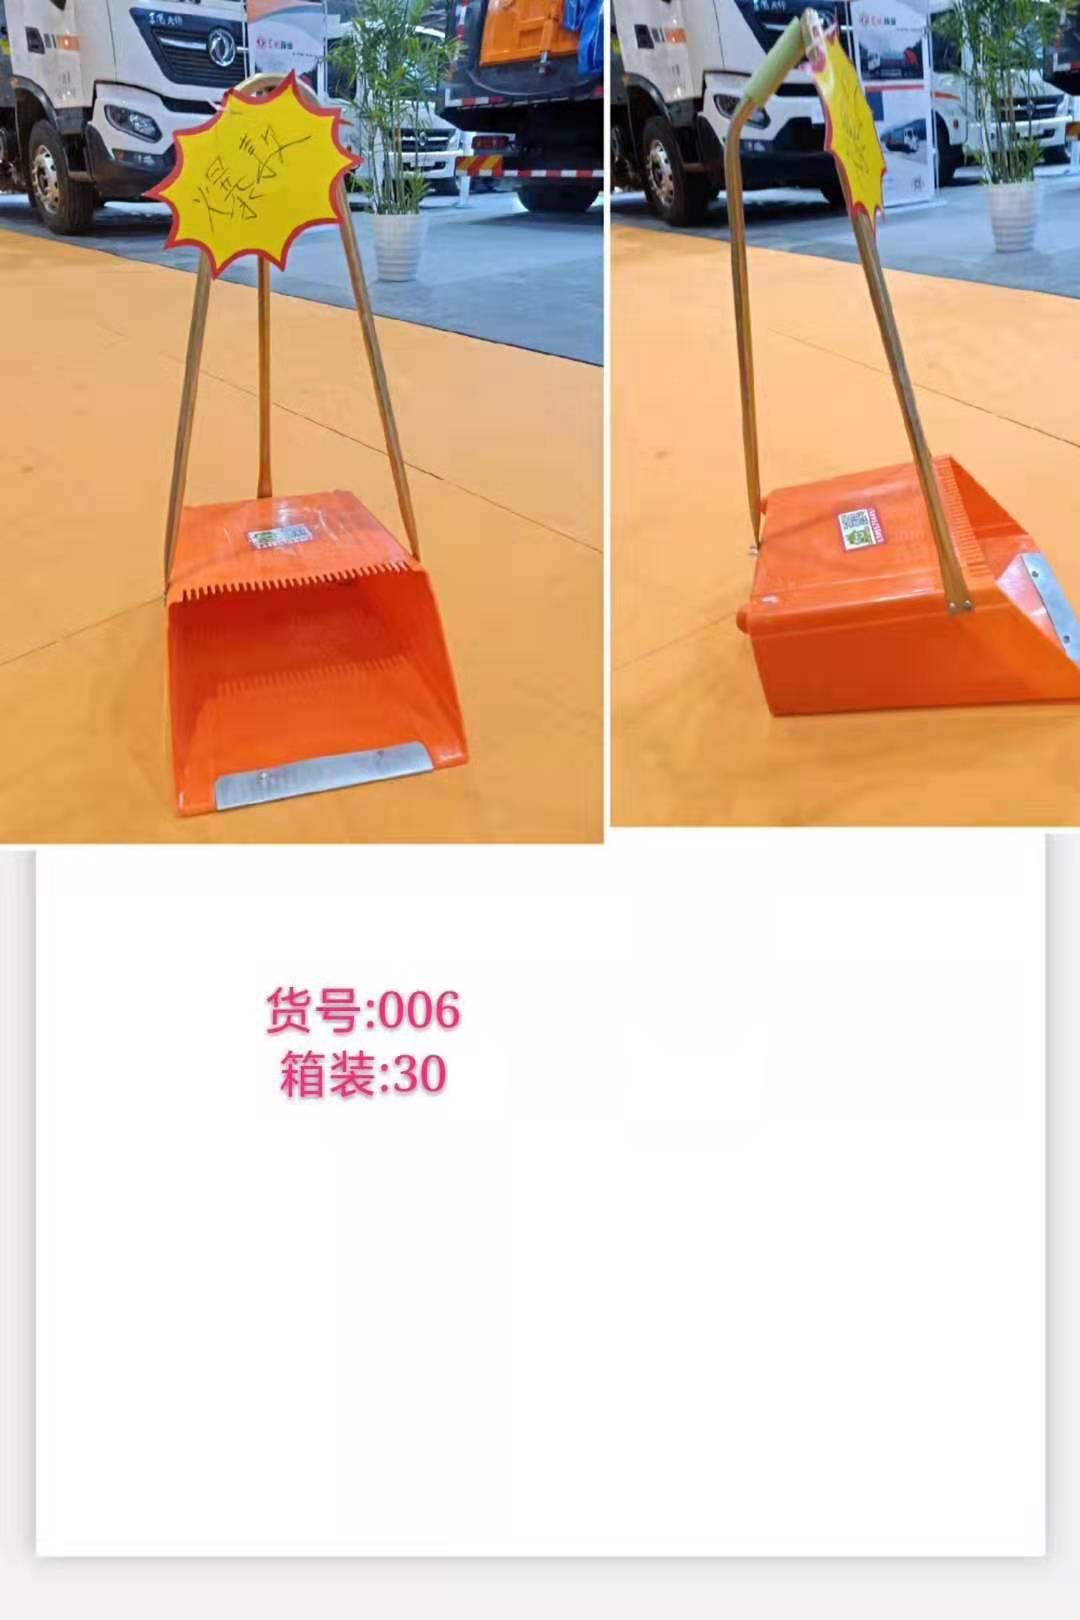 阜阳商场清洁工具销售 服务至上 萧县家齐清洁制品供应